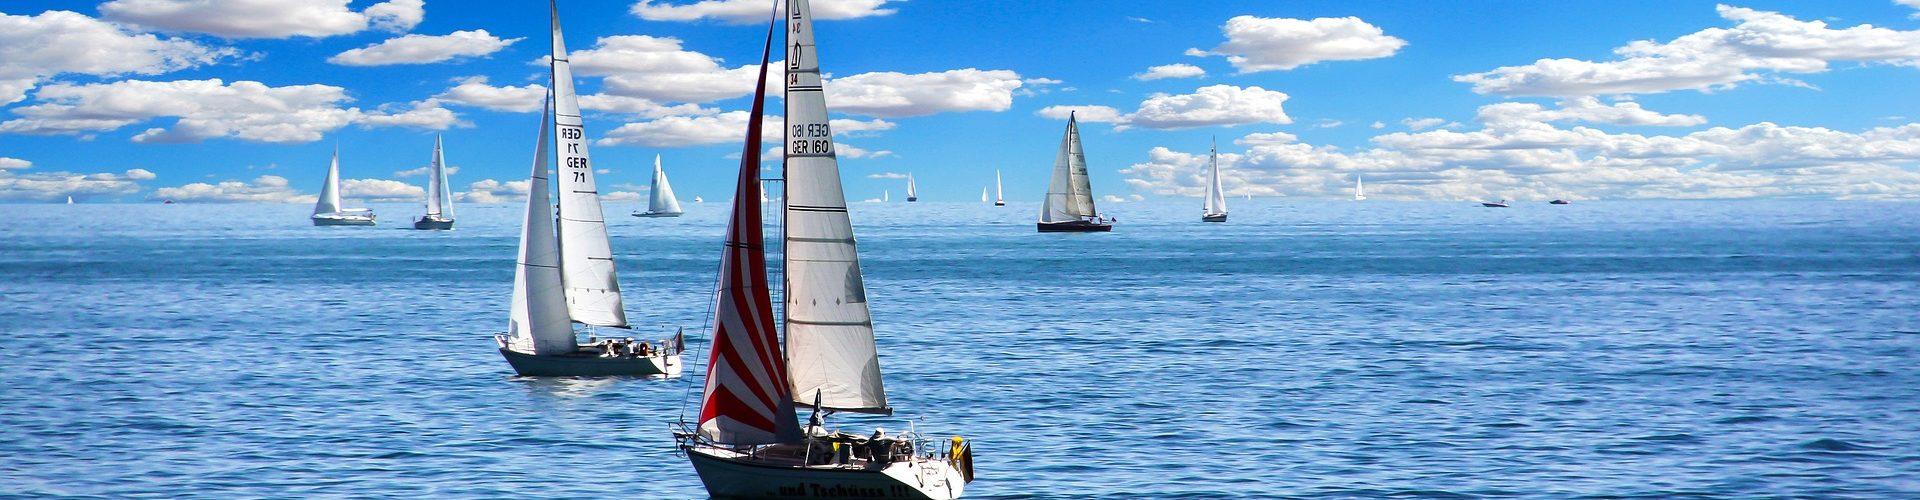 segeln lernen in Dommitzsch segelschein machen in Dommitzsch 1920x500 - Segeln lernen in Dommitzsch